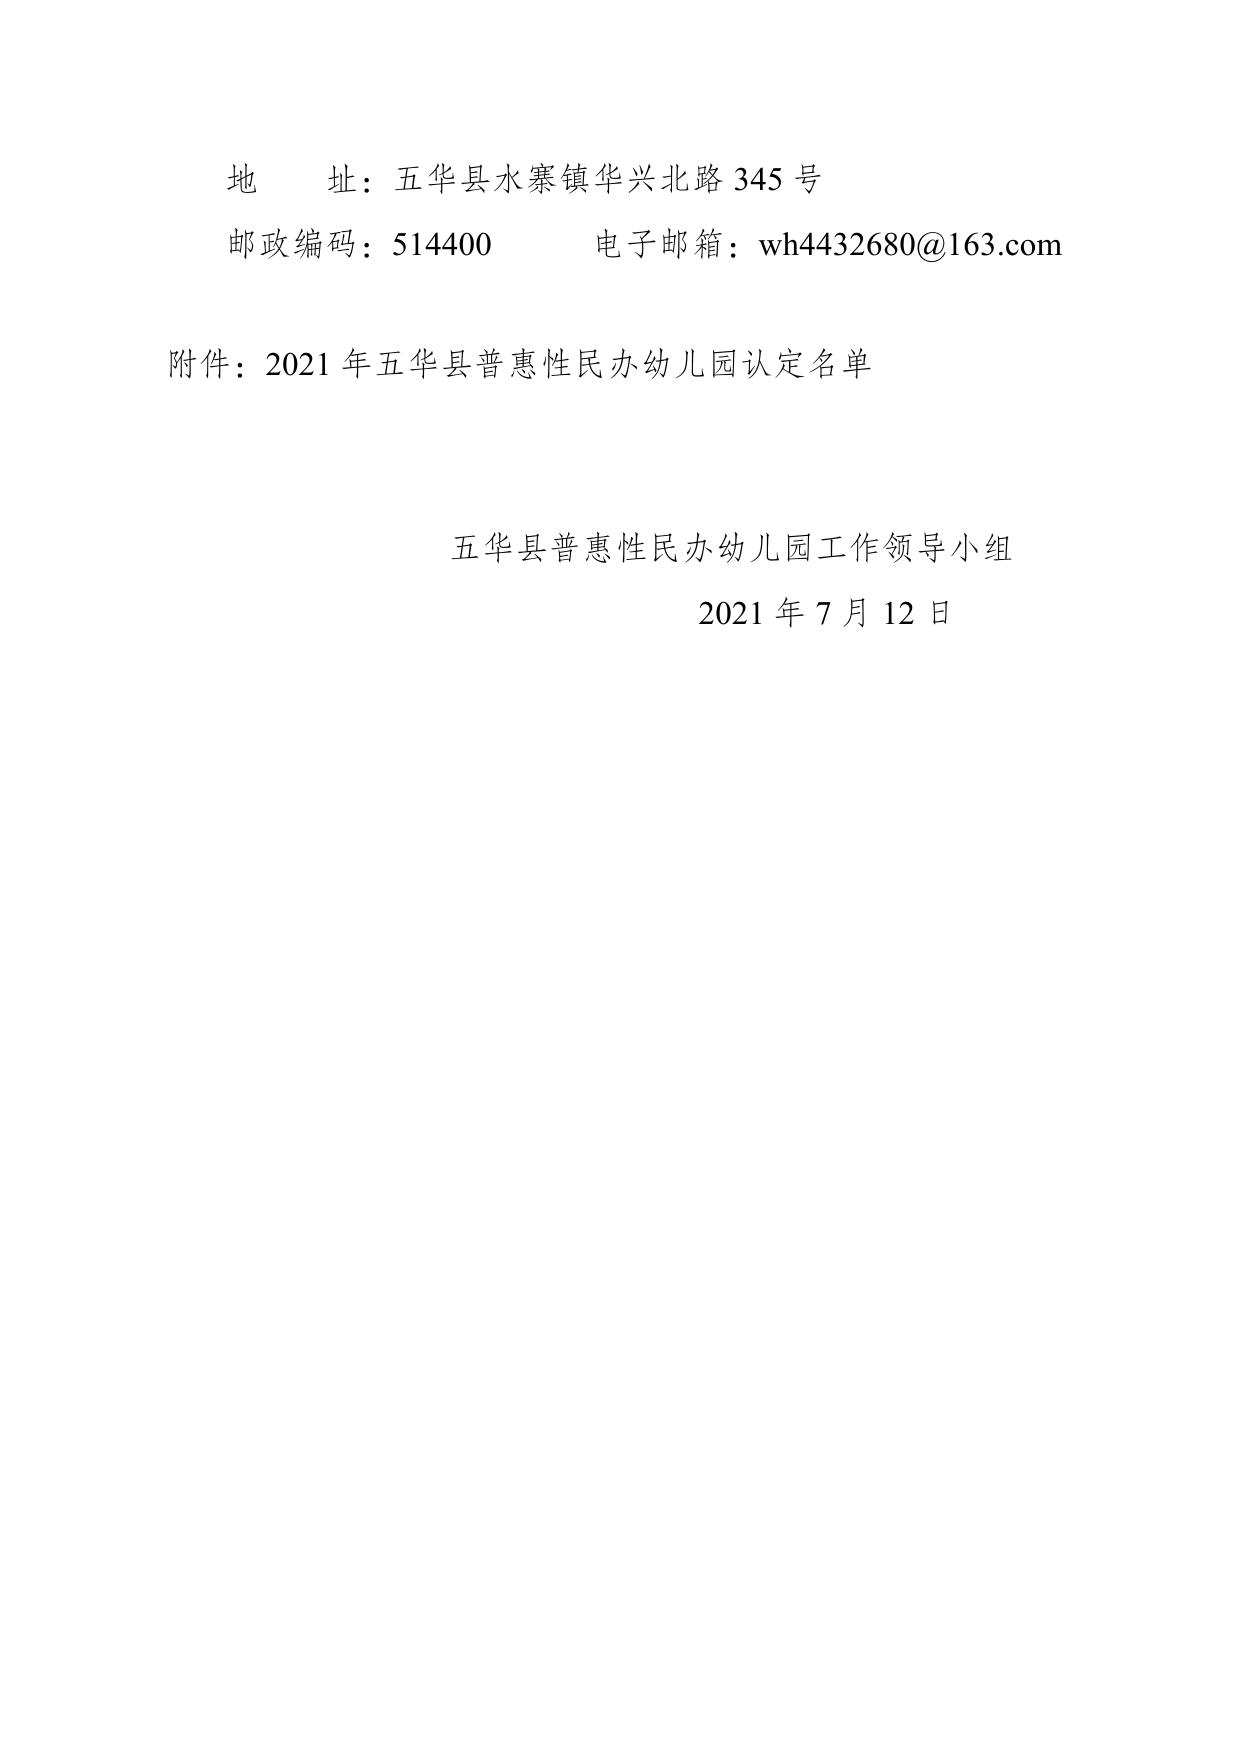 关于2021年五华县普惠性民办幼儿园认定名单的公示0001.jpg